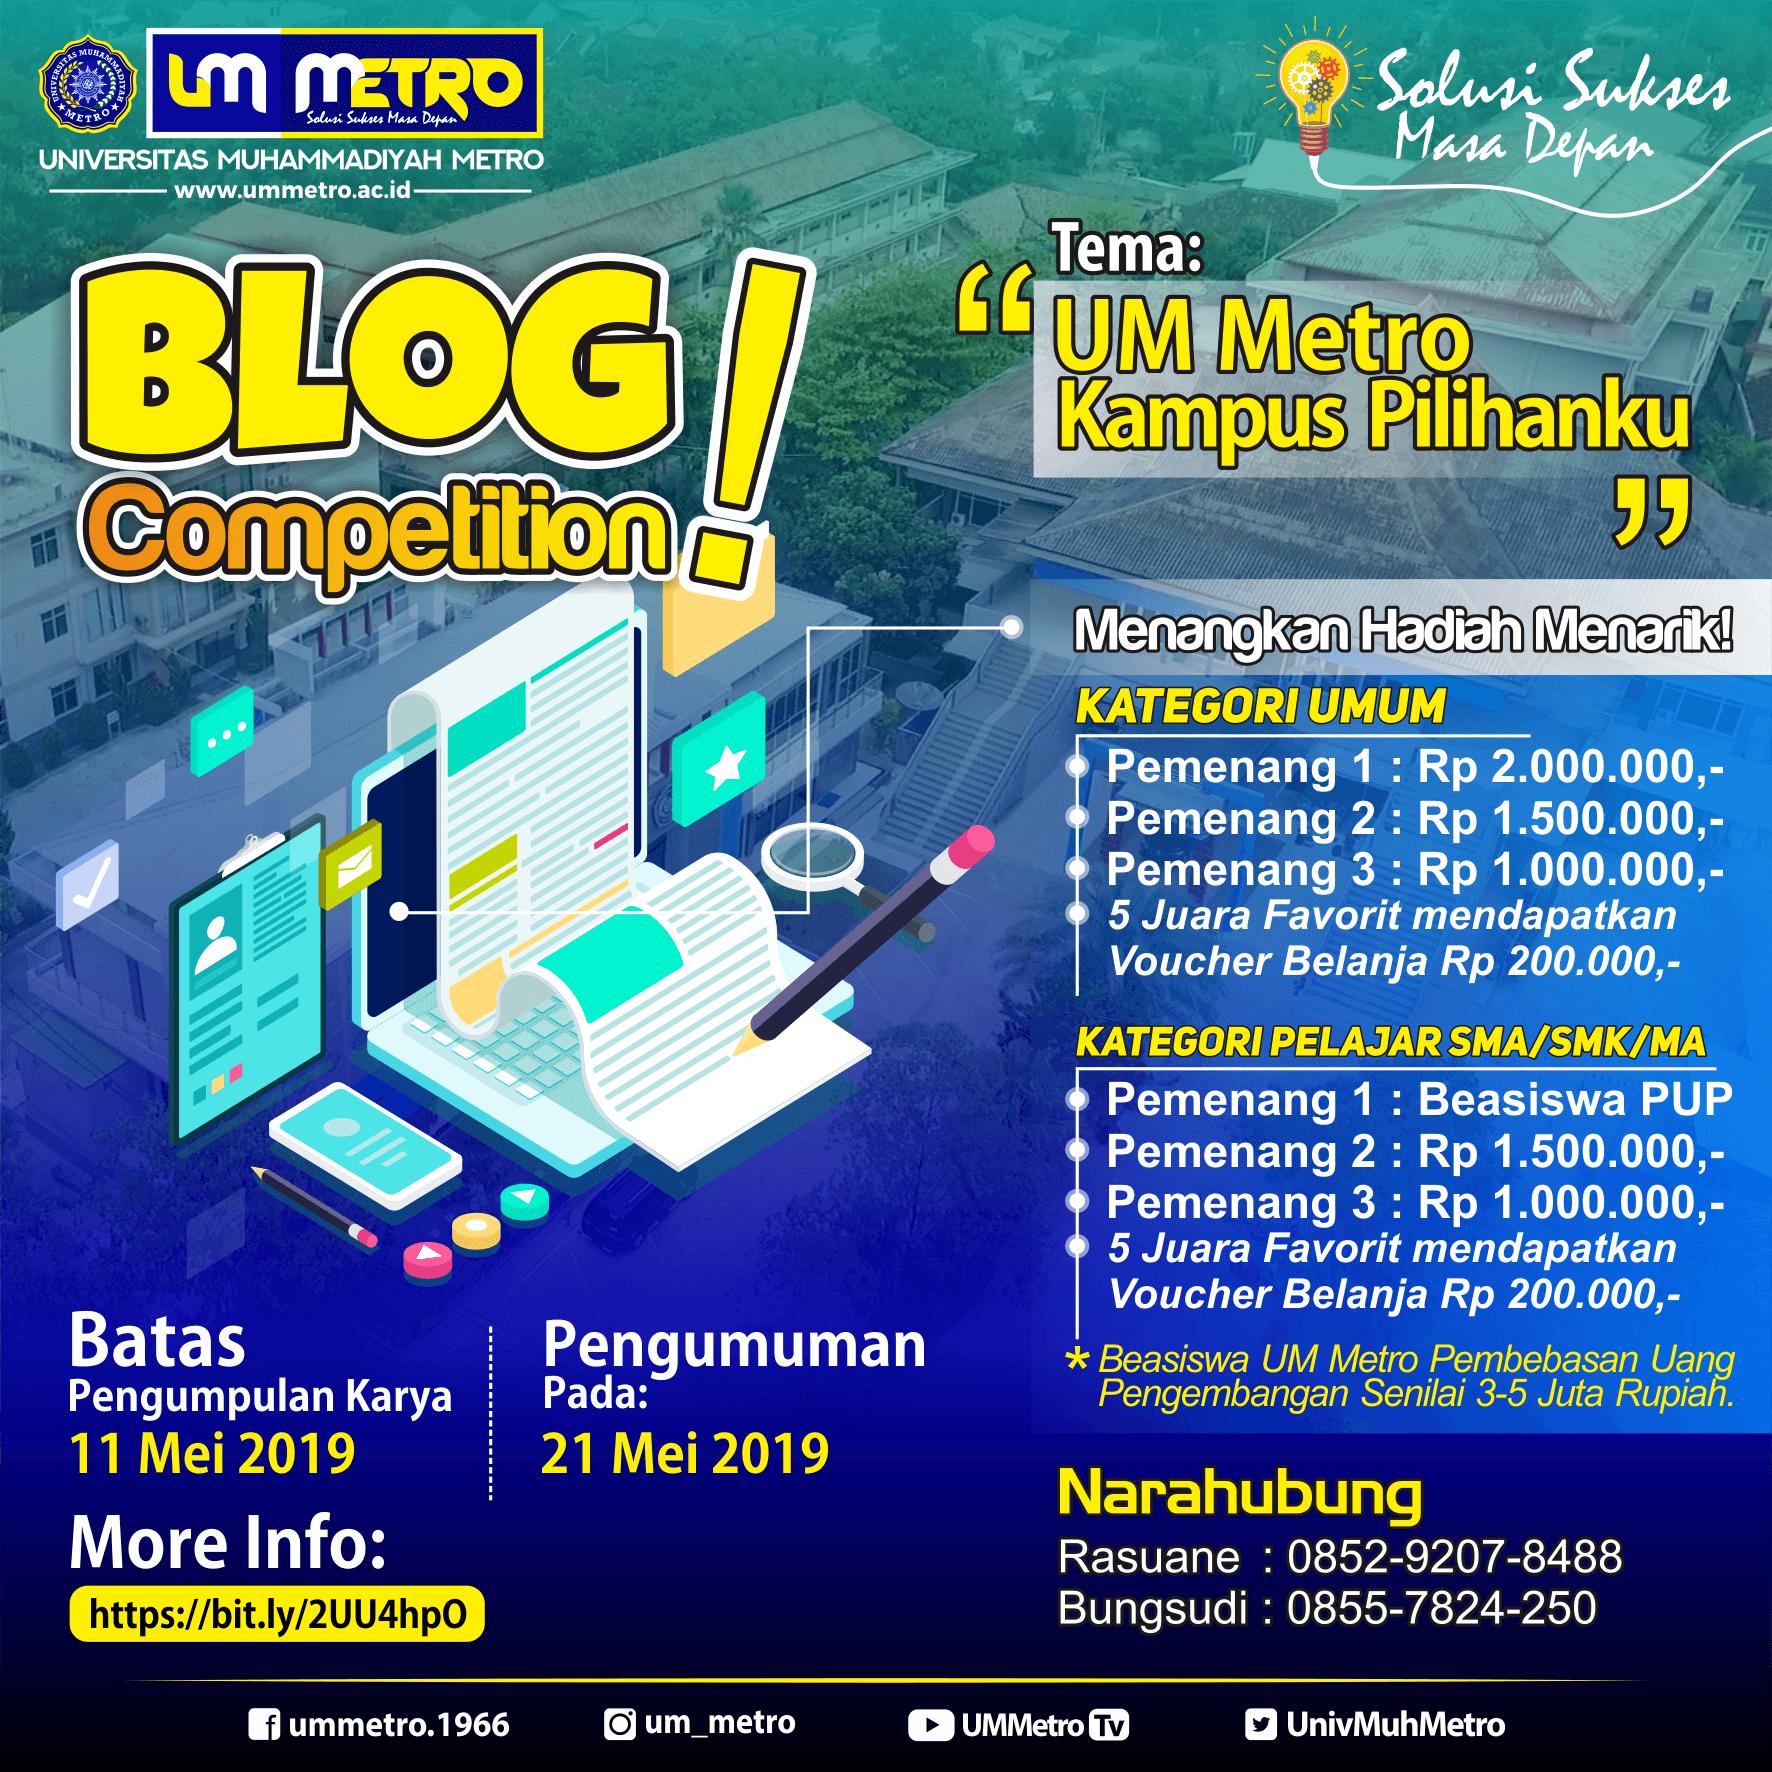 UM Metro Blog Competition 2019